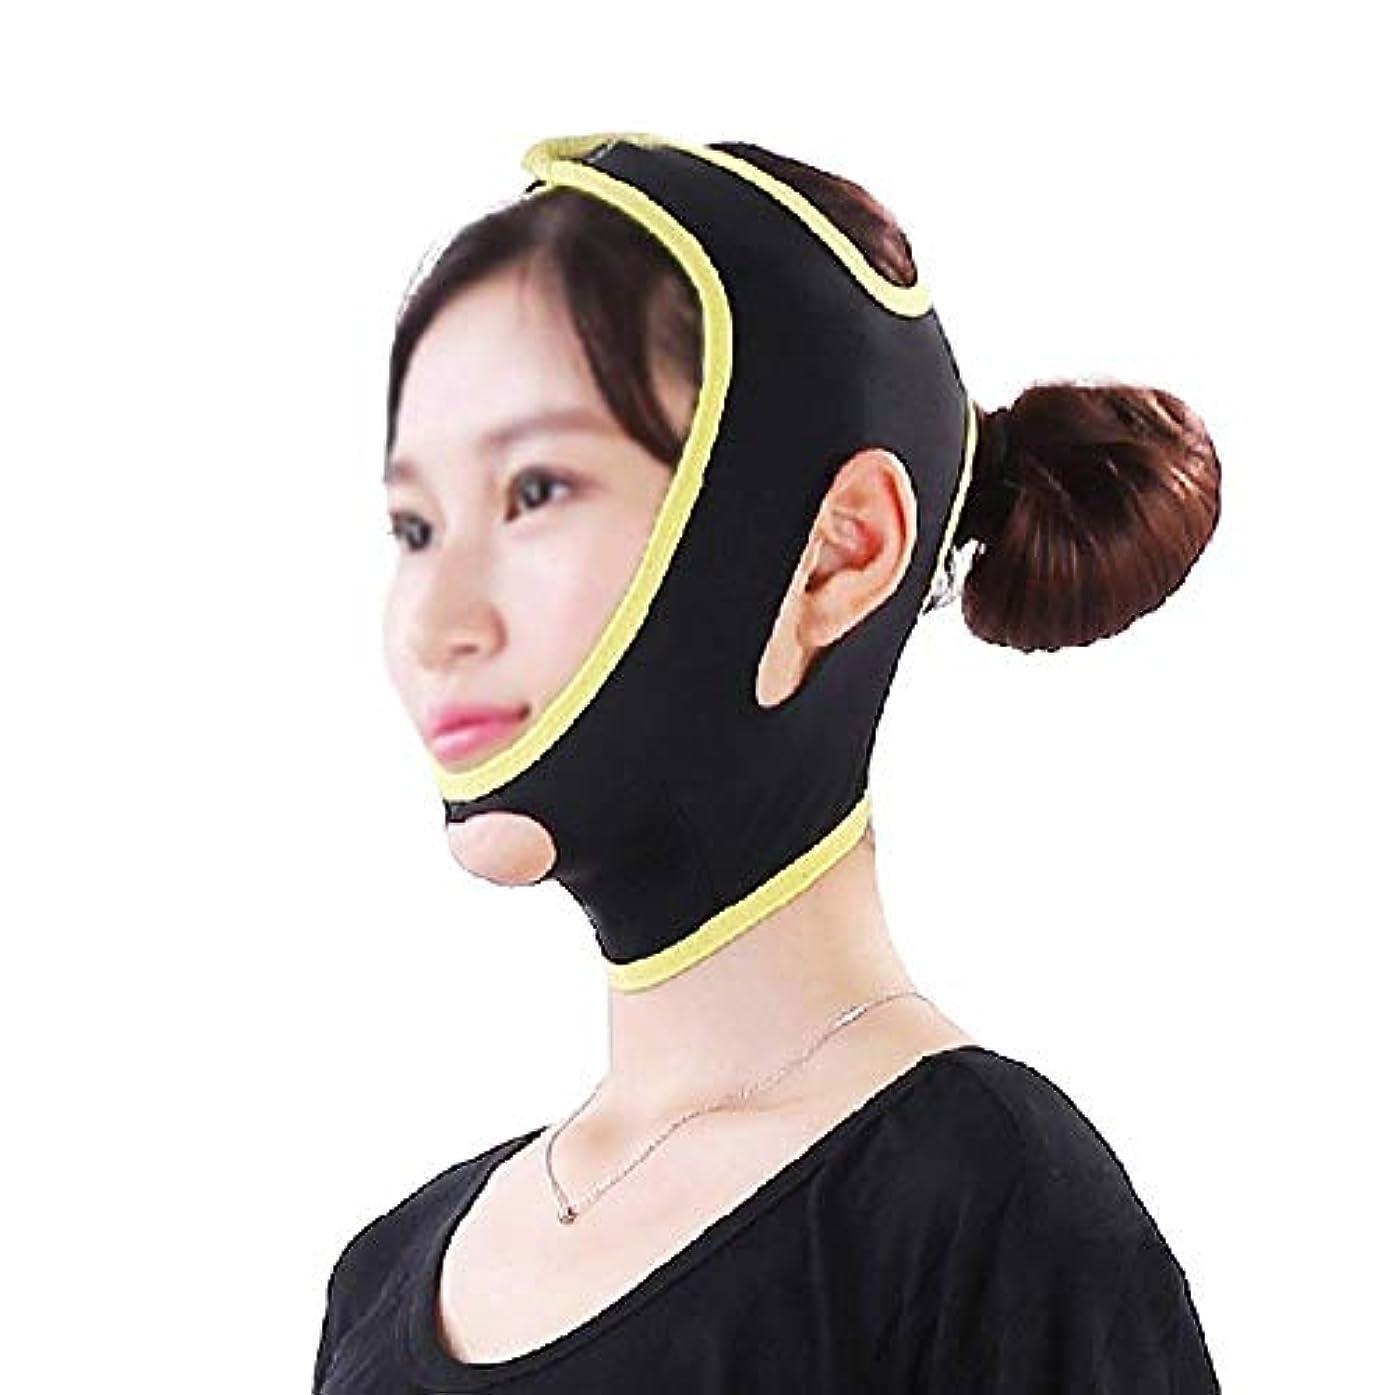 熟達期待して抵抗フェイスアンドネックリフト、Vフェイスマスクは顔の輪郭を強化して、顎の超弾性包帯を引き締める咬筋を緩和します(サイズ:M)